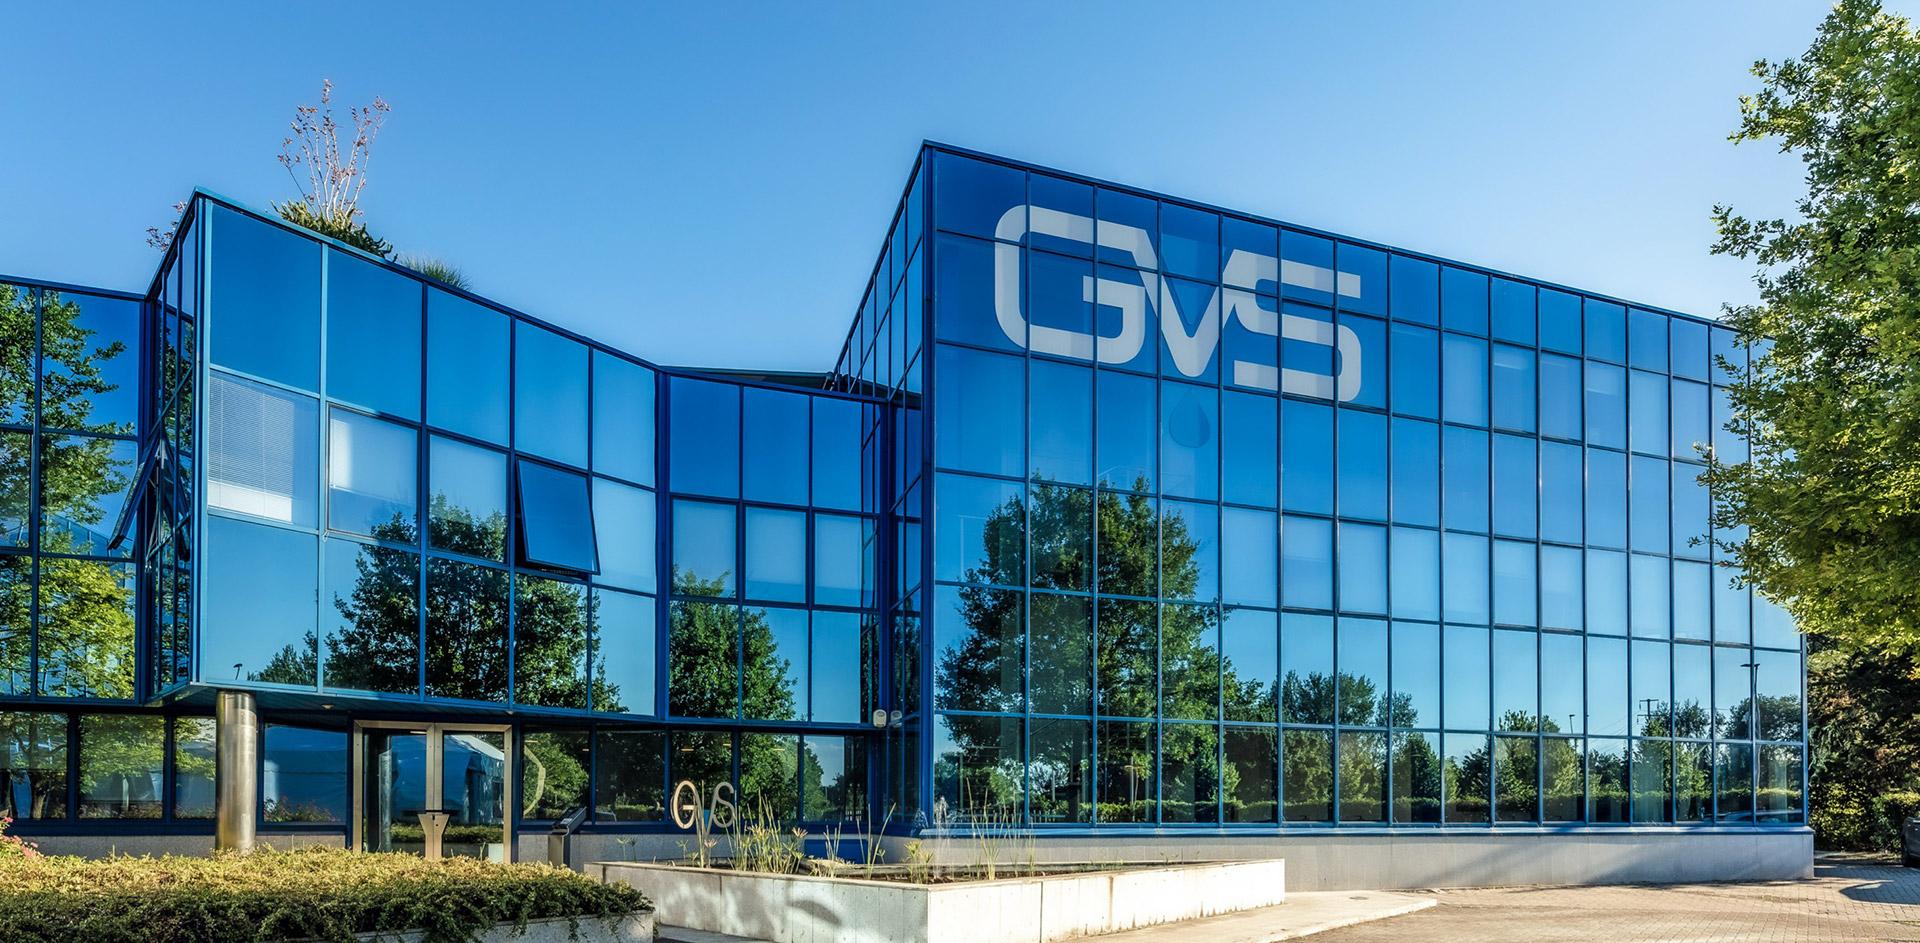 GVS Bologna